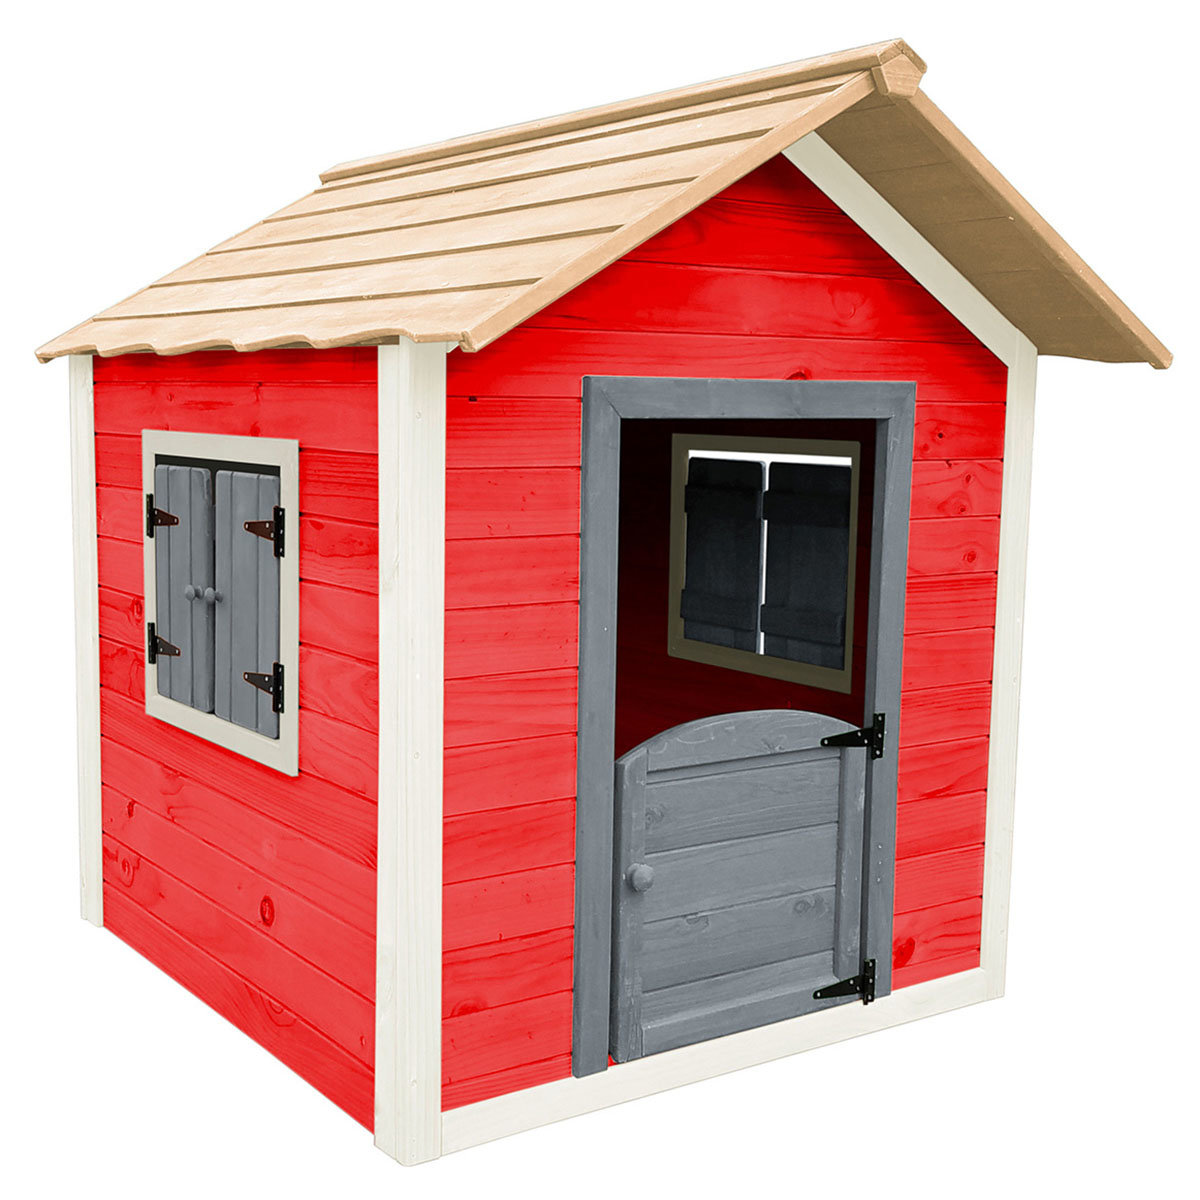 Kinder Spielhaus kleines Schloss, rot und weiß lasiert, ca. 138 x 118 x 132,5 cm | #8